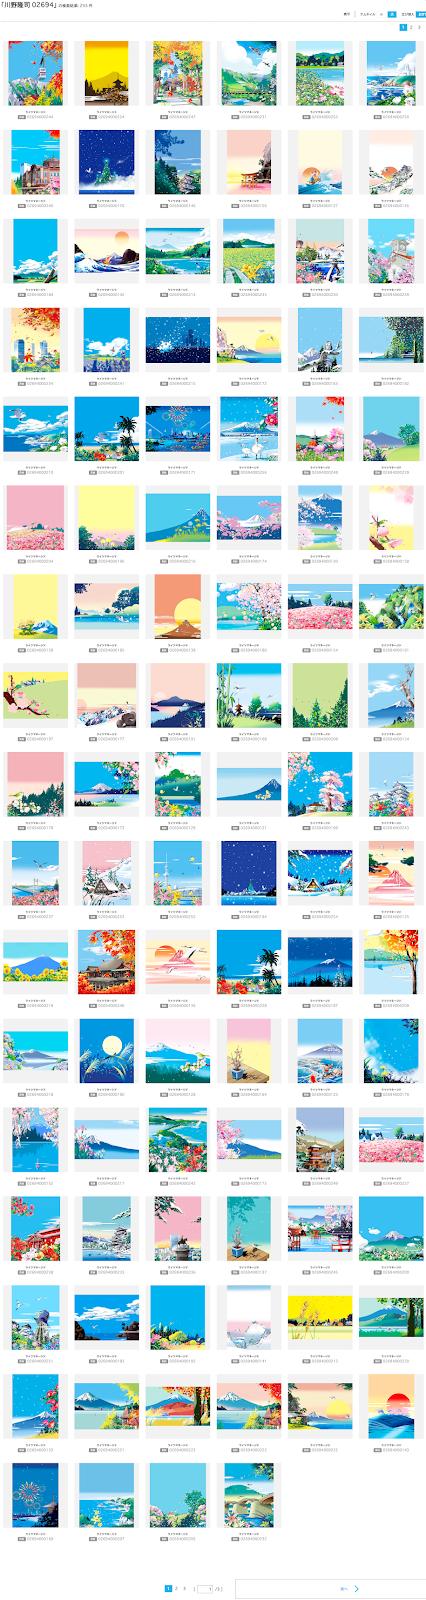 風景イラスト、和風イラスト、富士山、日本のイラスト、インバウンド、ランドマーク